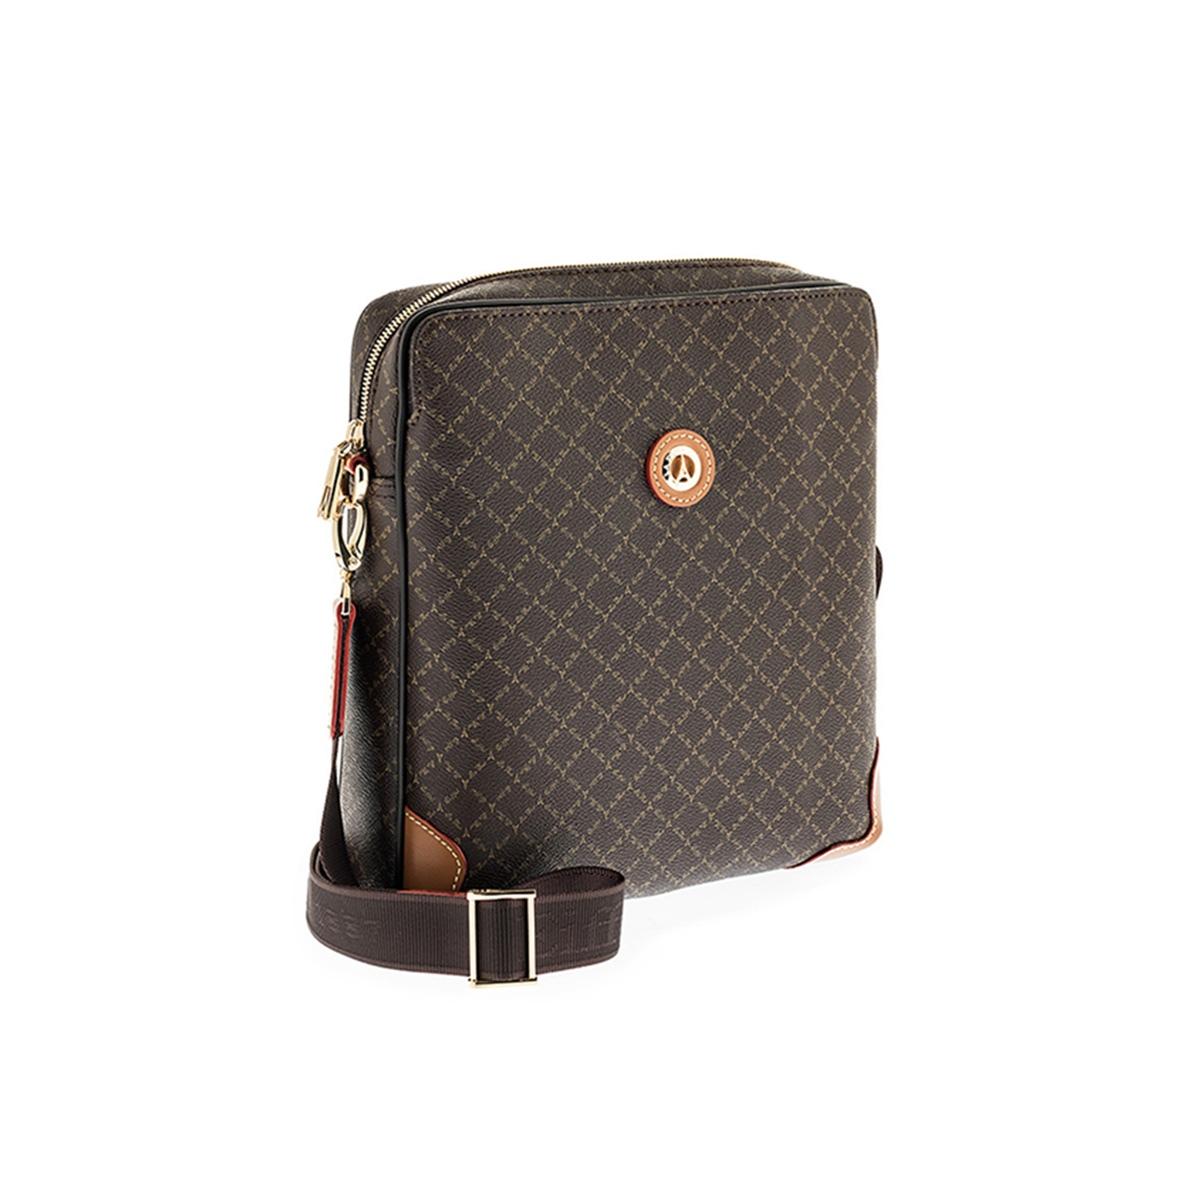 Τσάντα Ώμου-Χιαστί La Tour Eiffel Logo-Δέρμα 112014 Καφέ-Ταμπά ... 04a54d93a34